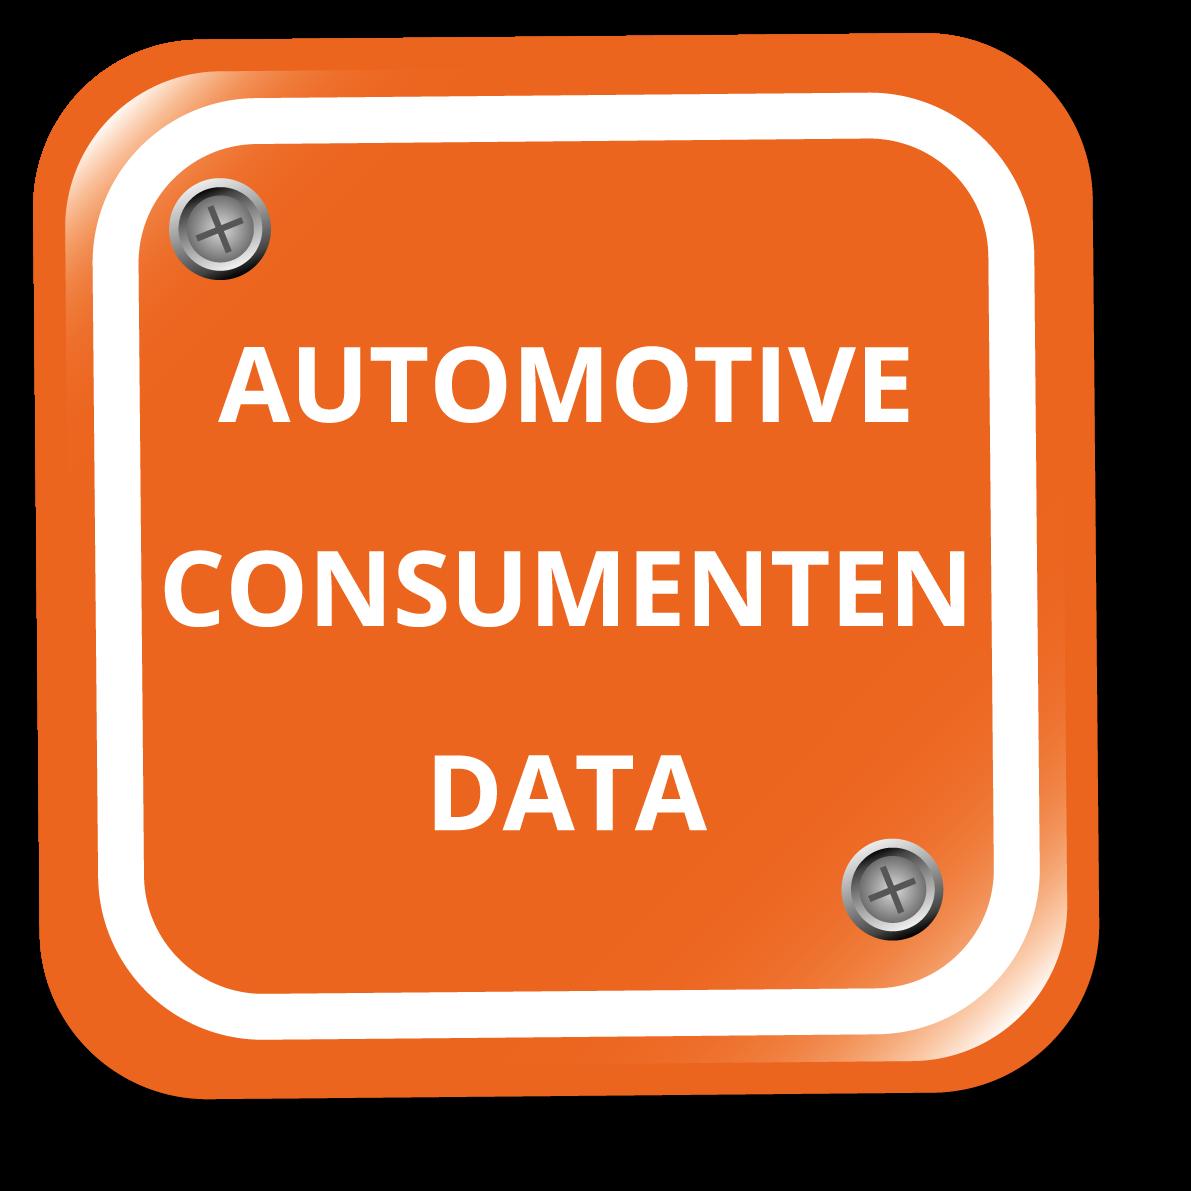 Automotive consumenten data.png